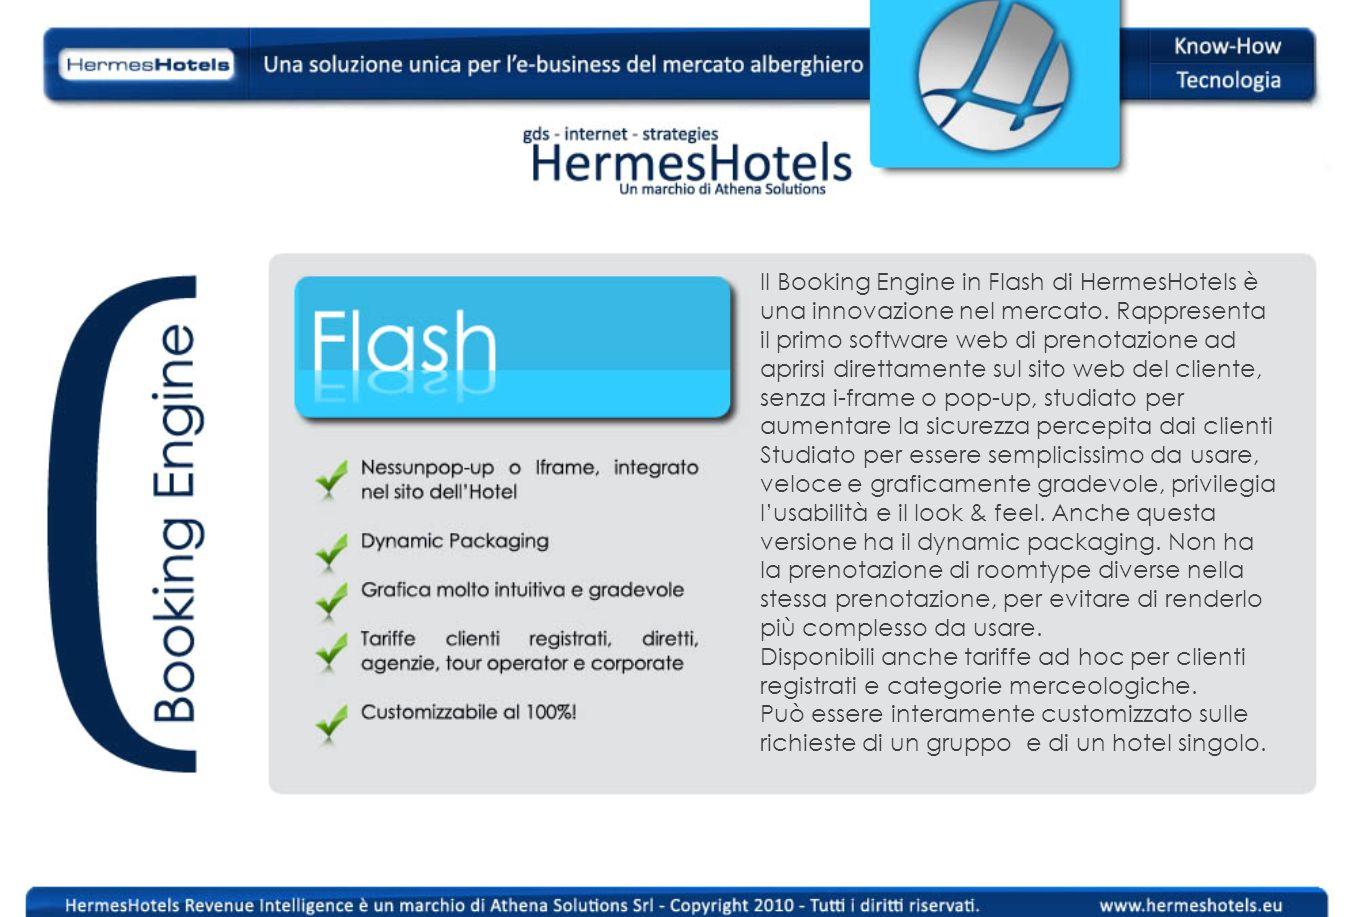 Novità assoluta del mercato, il Booking Engine Java utilizza tecnologie innovative Html.